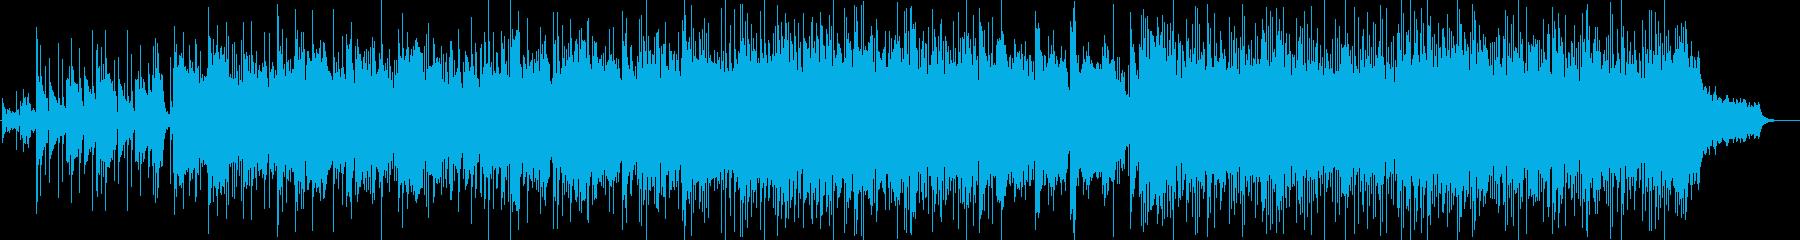 しっとりと扇情的で官能的なAORの再生済みの波形